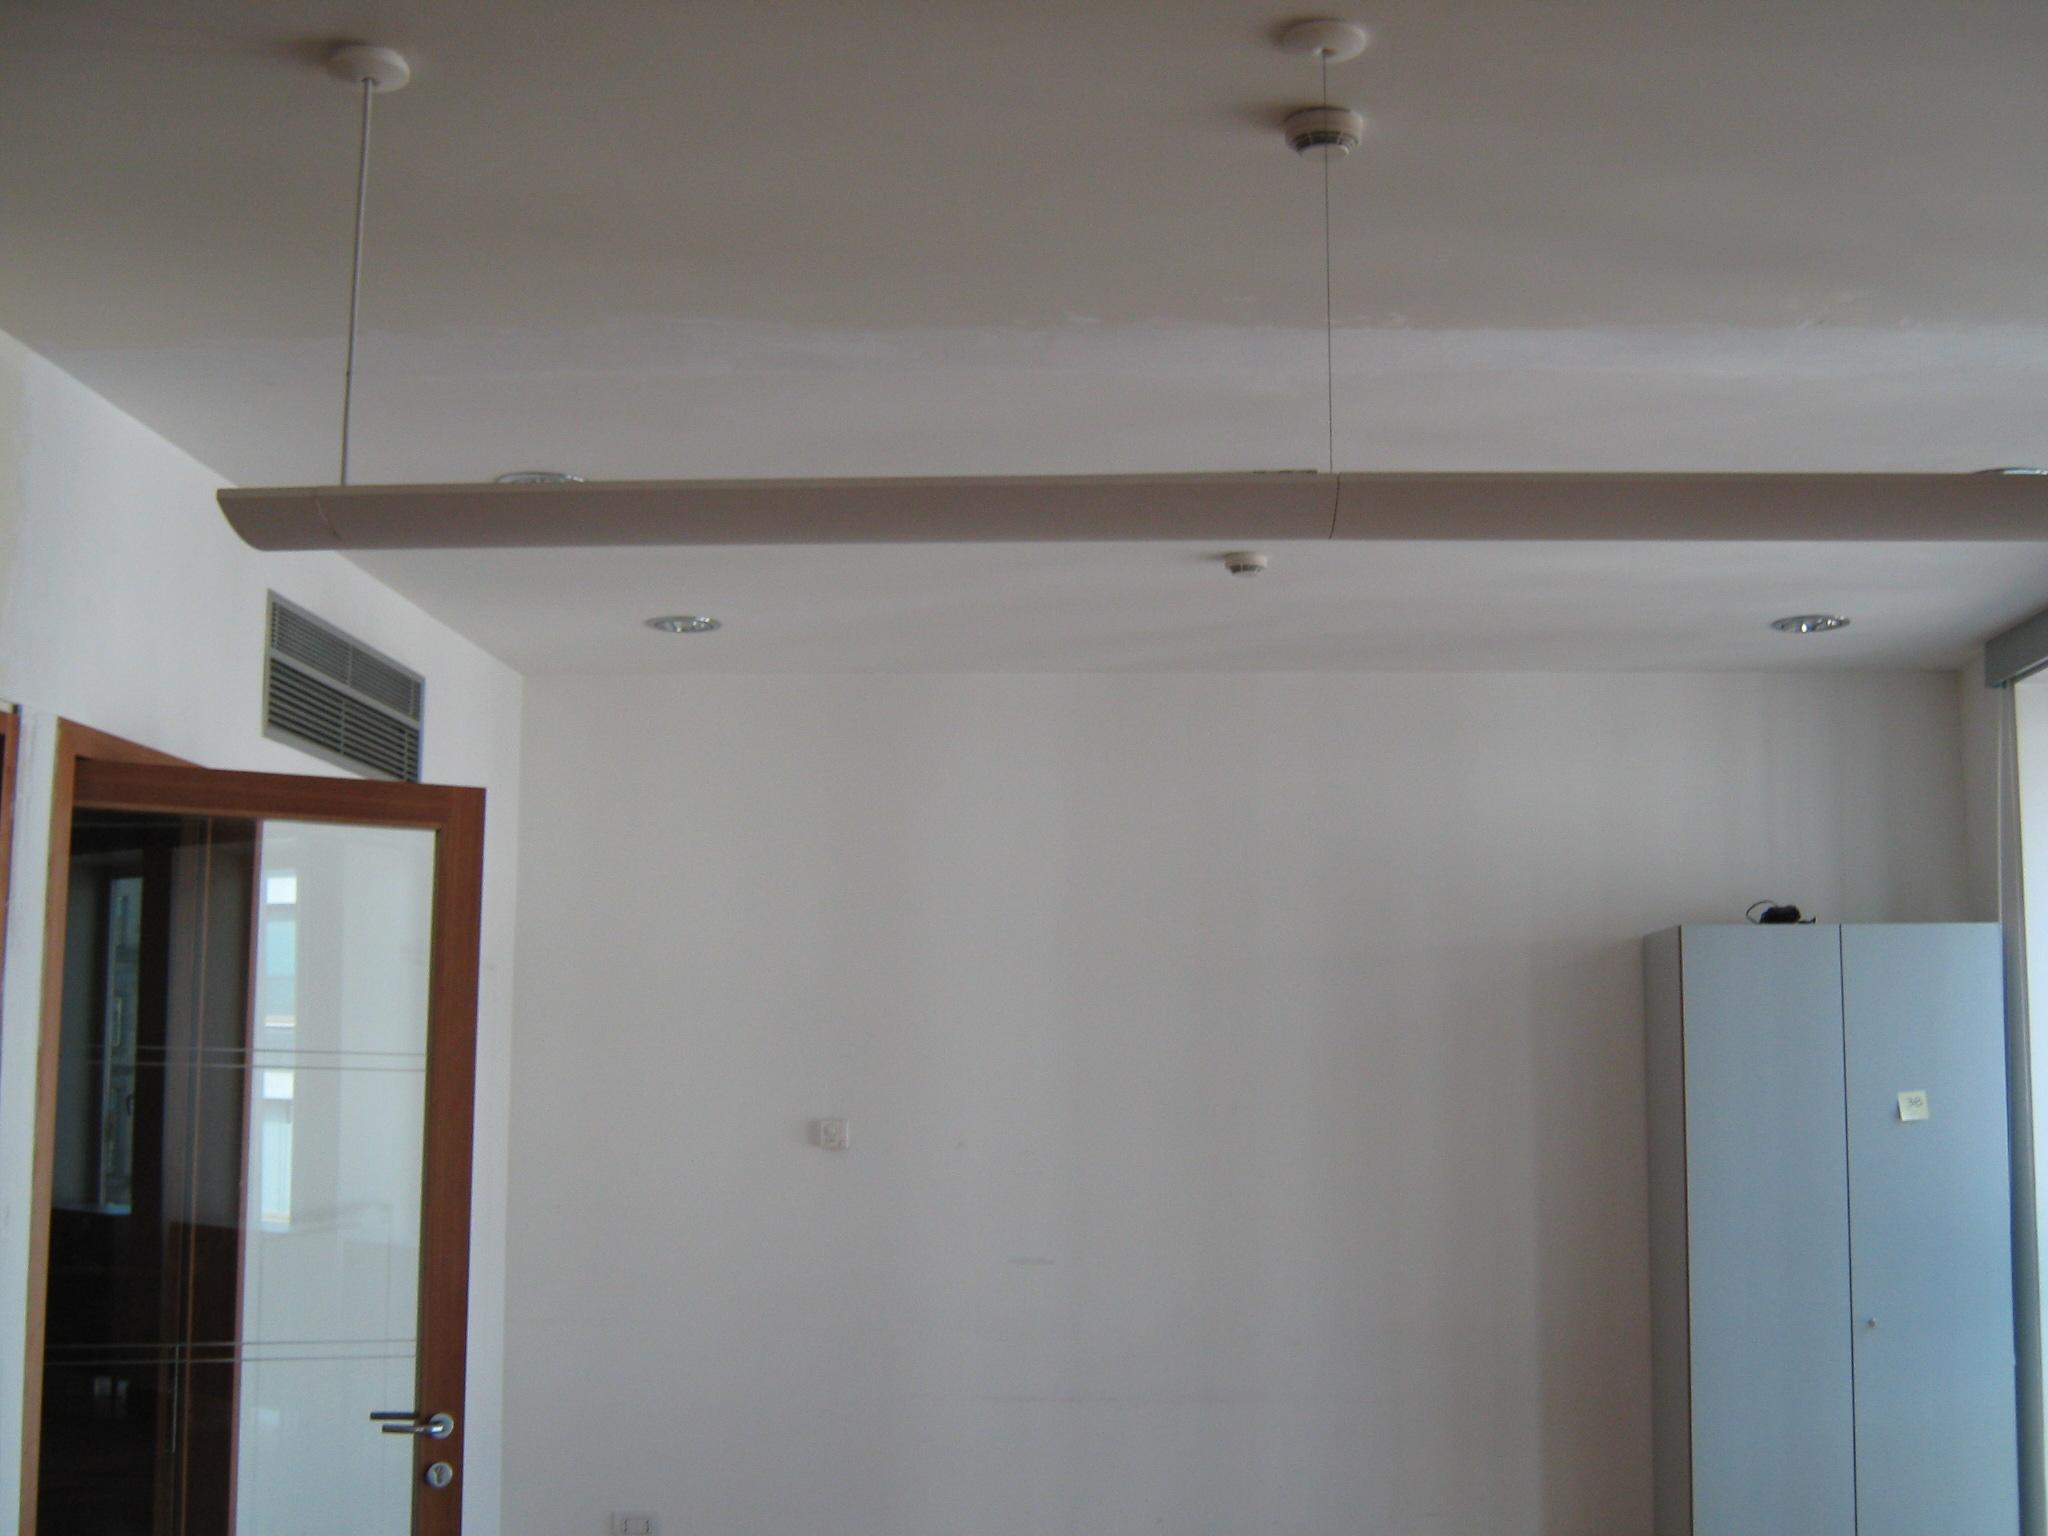 3. Locale ufficio con illuminazione a sospensione: stato di fatto.